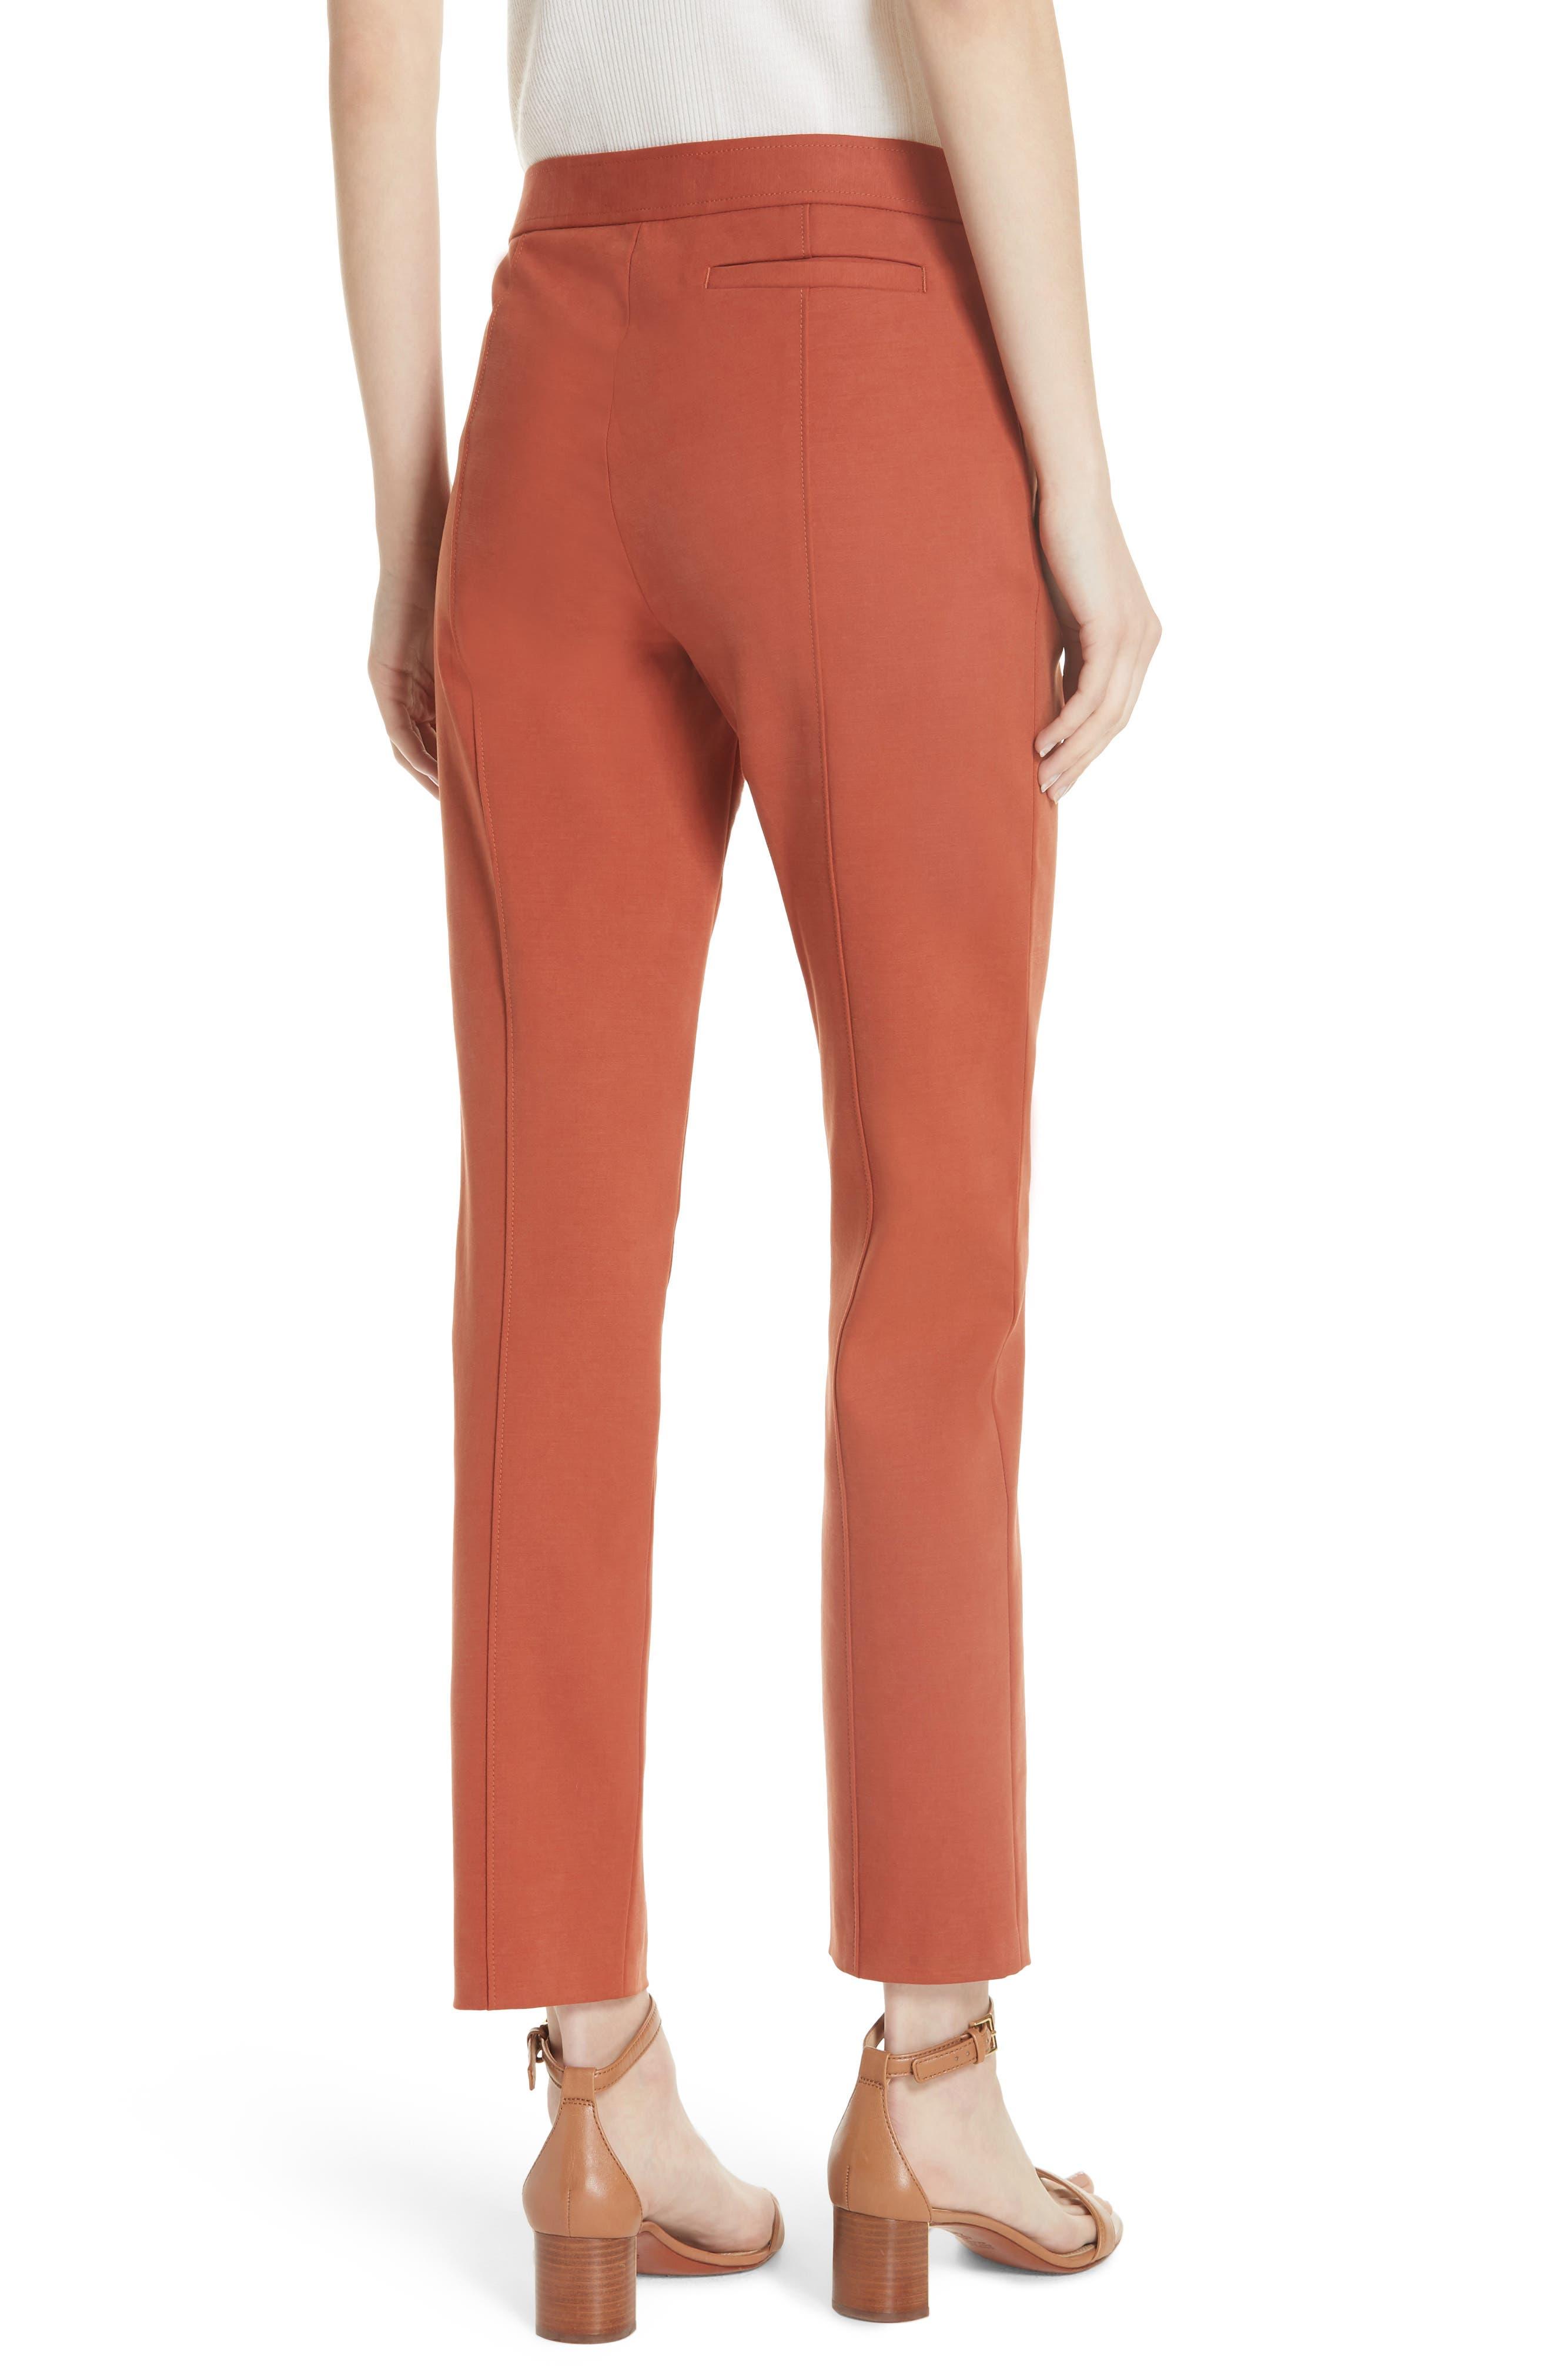 Vanner Slim Leg Ankle Pants,                             Alternate thumbnail 2, color,                             DESERT SPICE